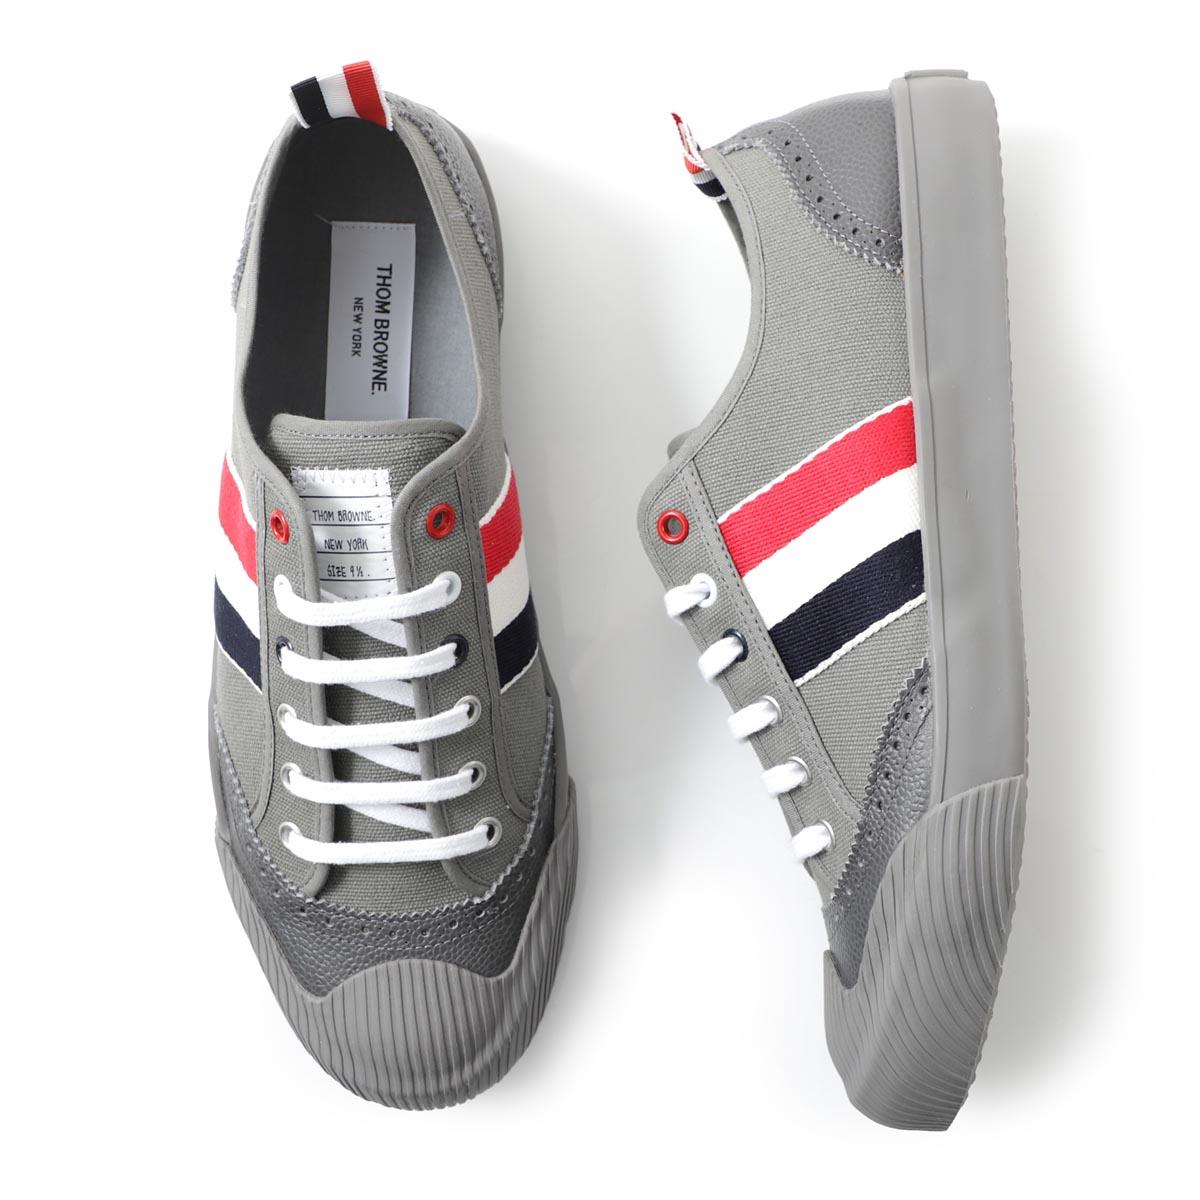 メンズ靴, スニーカー  THOM BROWNE. mfd140a 01588 025 LO-TOP VULCANIZED SNEAKER W BROGUING IN CANVAS